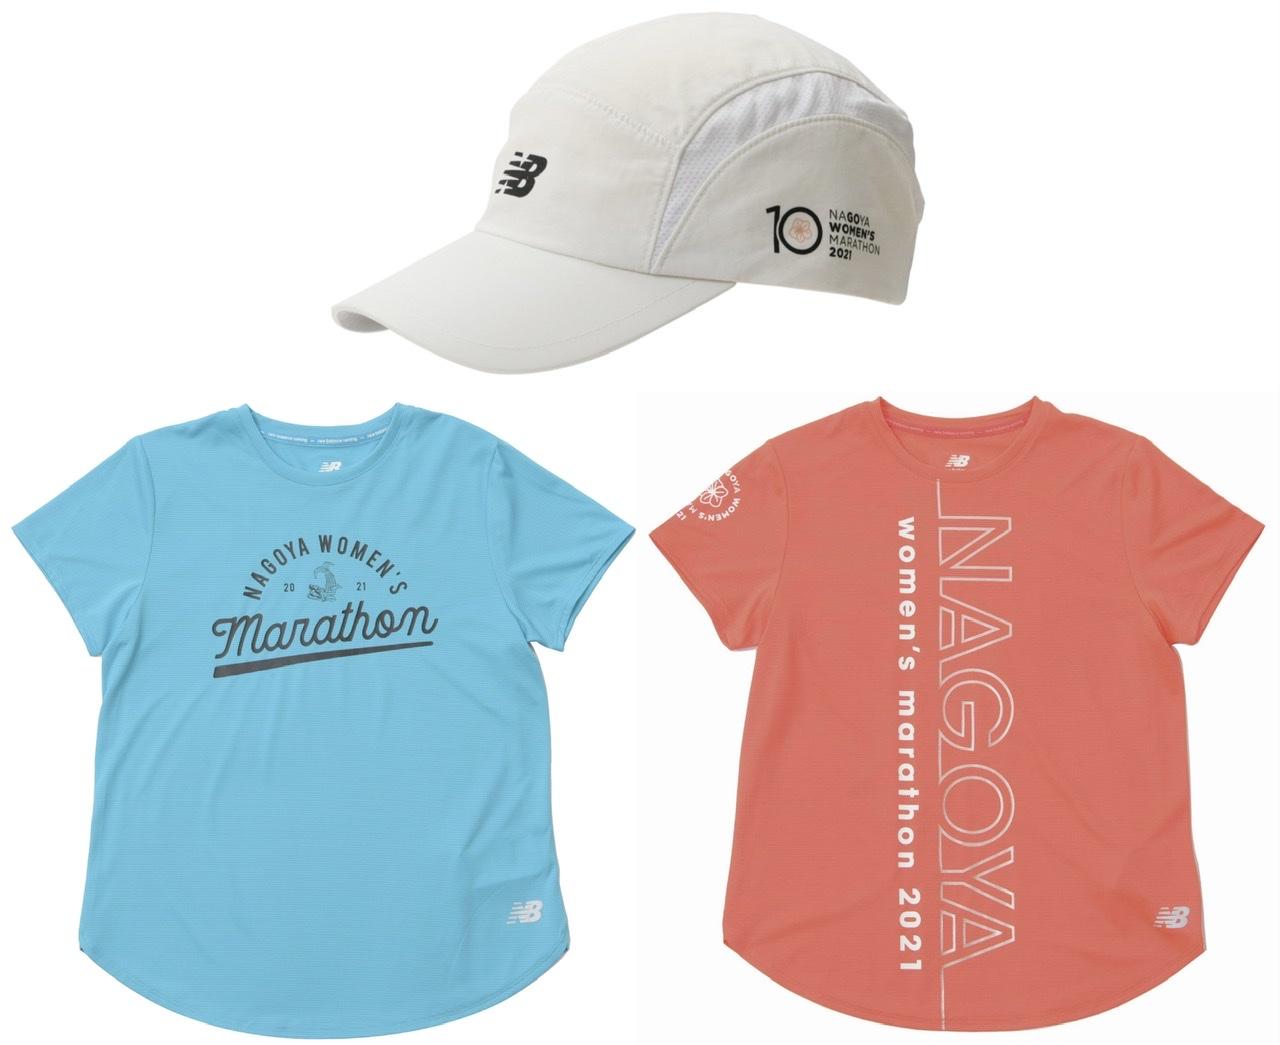 ニューバランスの名古屋ウィメンズマラソン限定キャップとTシャツ